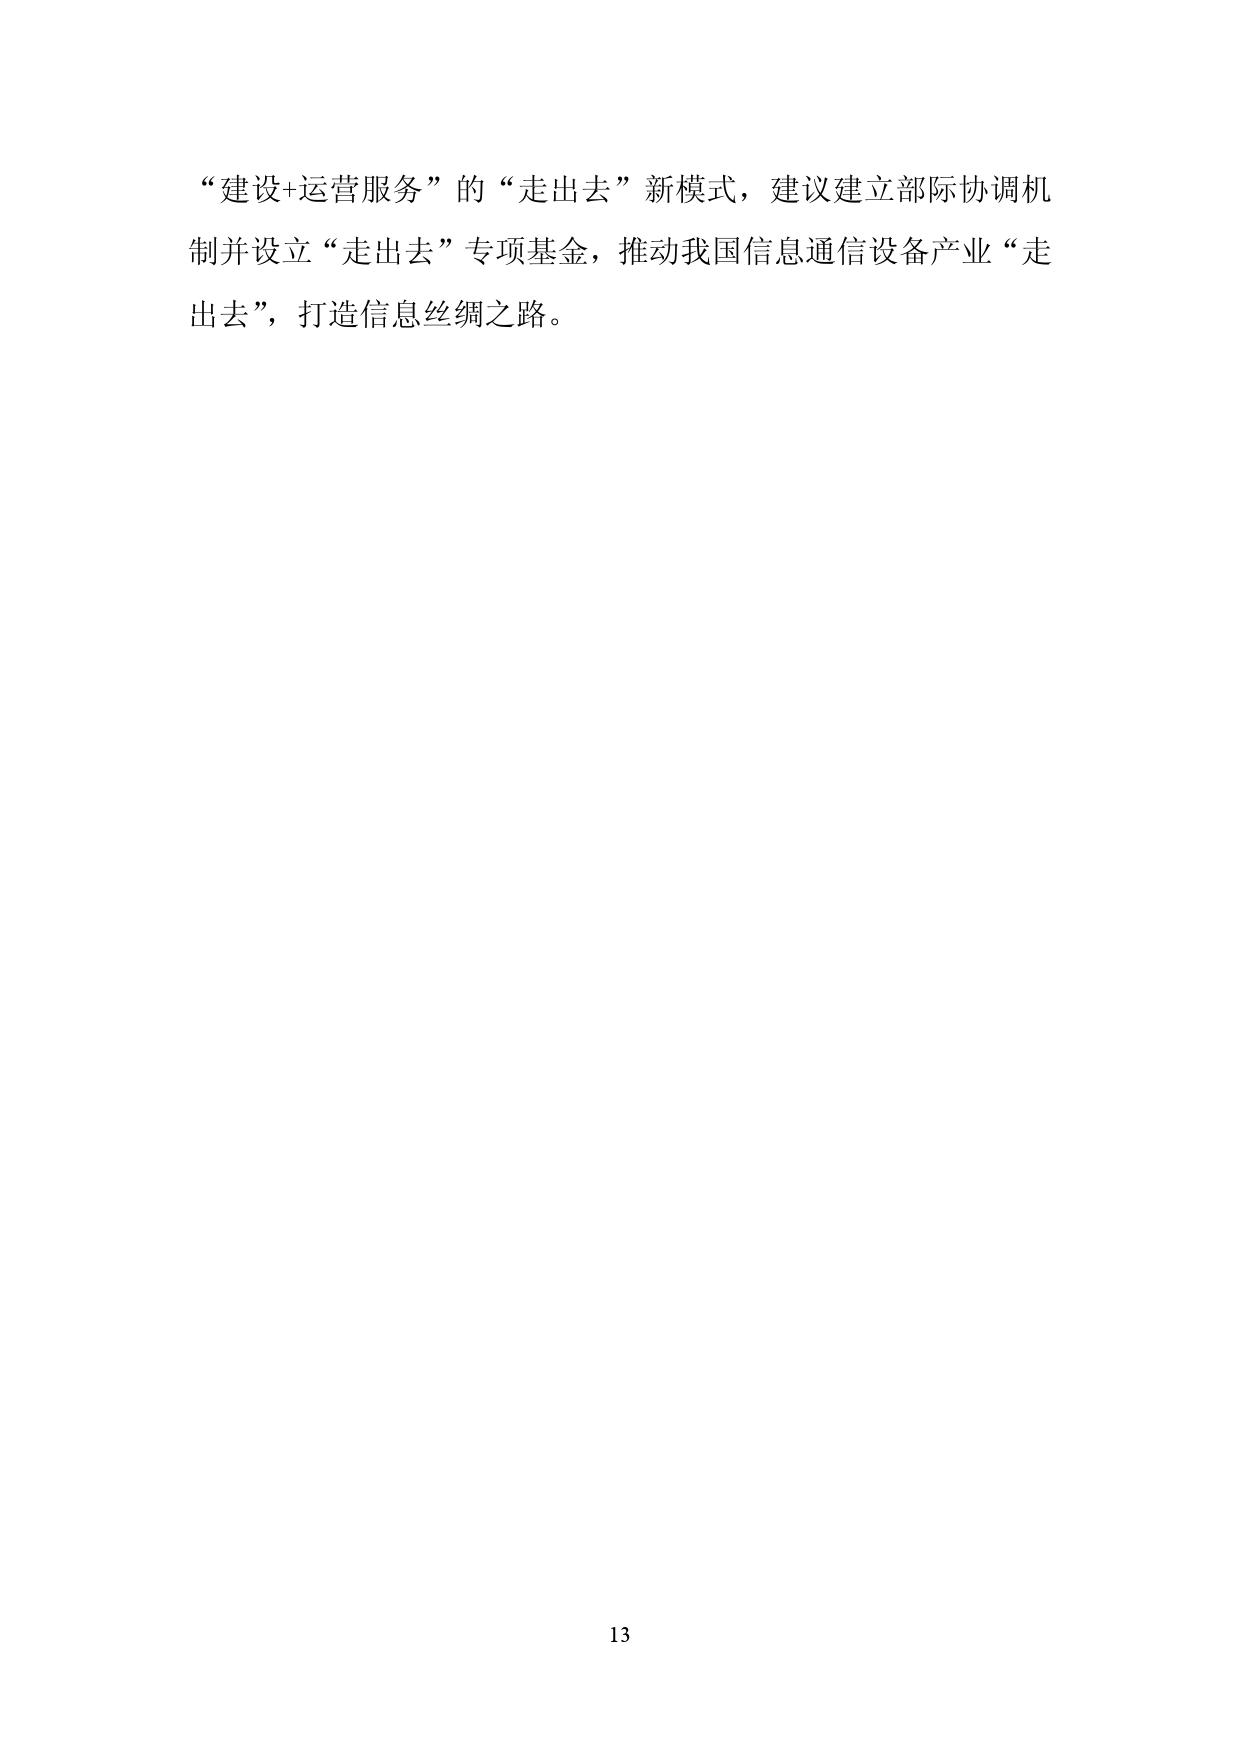 《中国制造 2025》重点领域技术路线图_000019